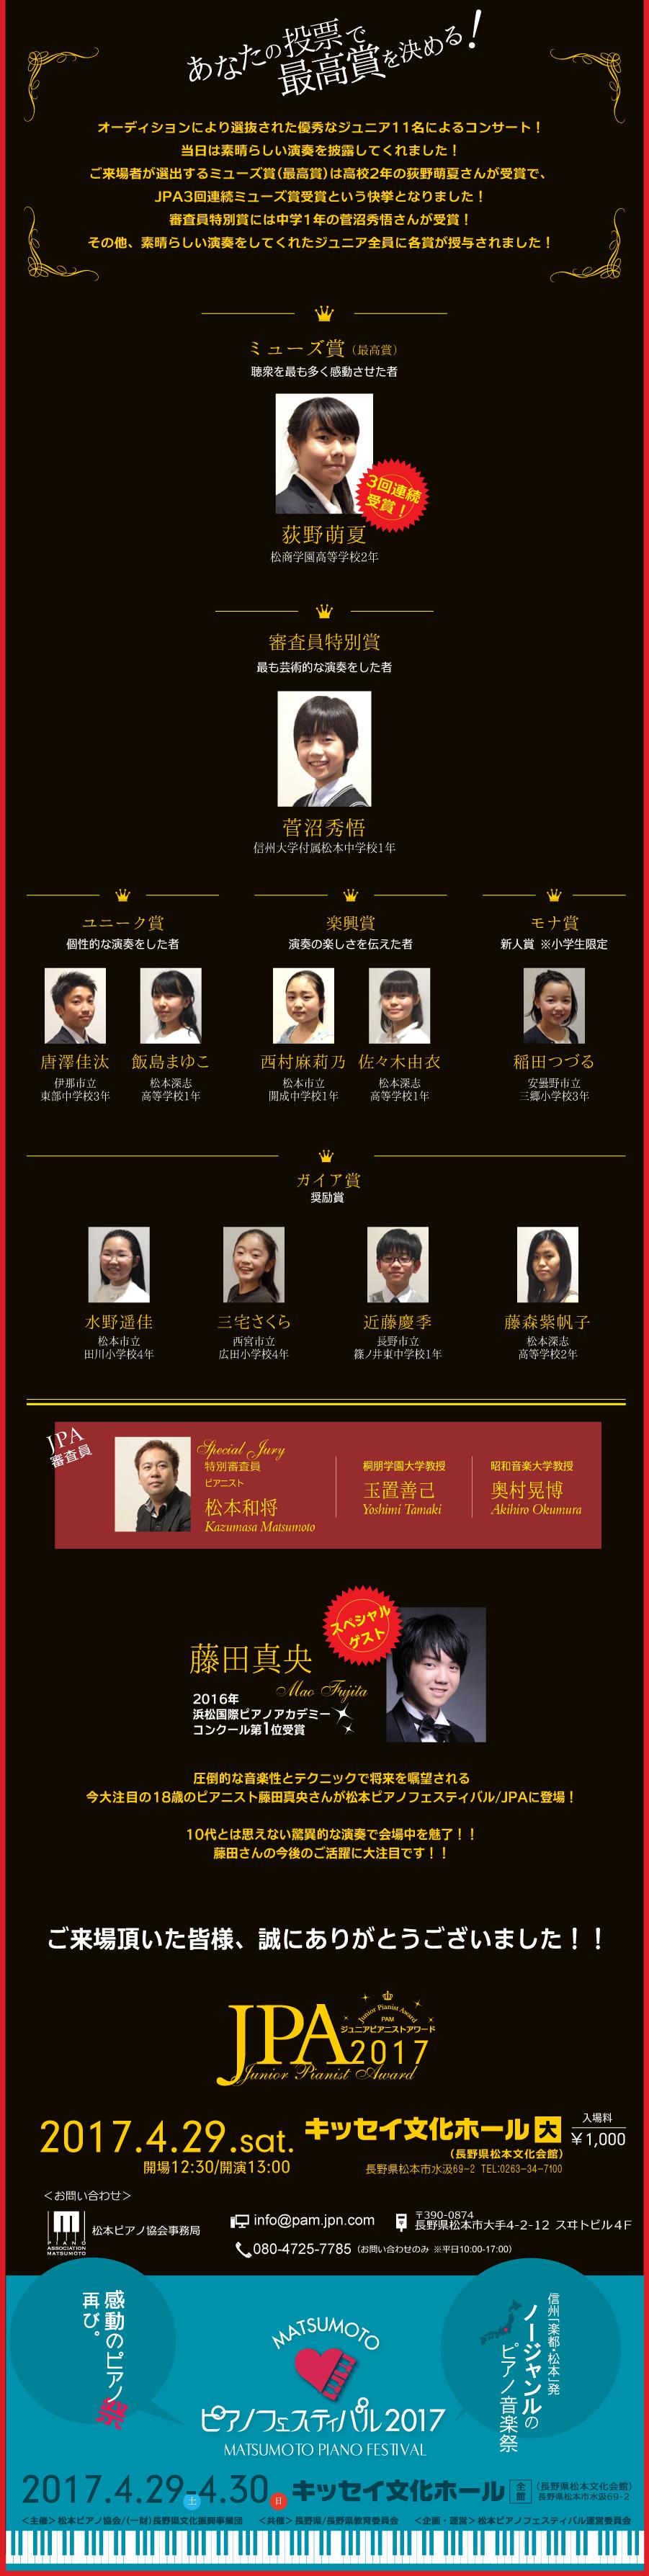 jpa2017results